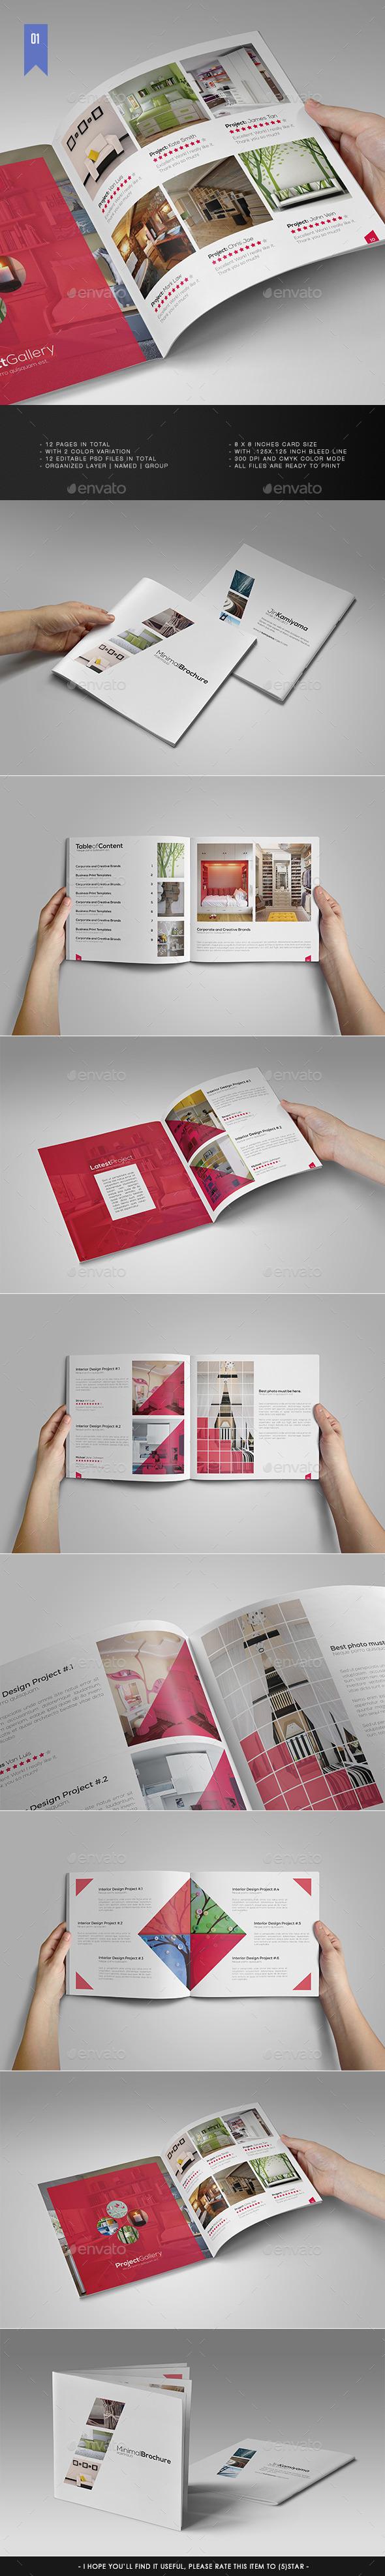 Square Minimal Brochure V.1 - Portfolio Brochures